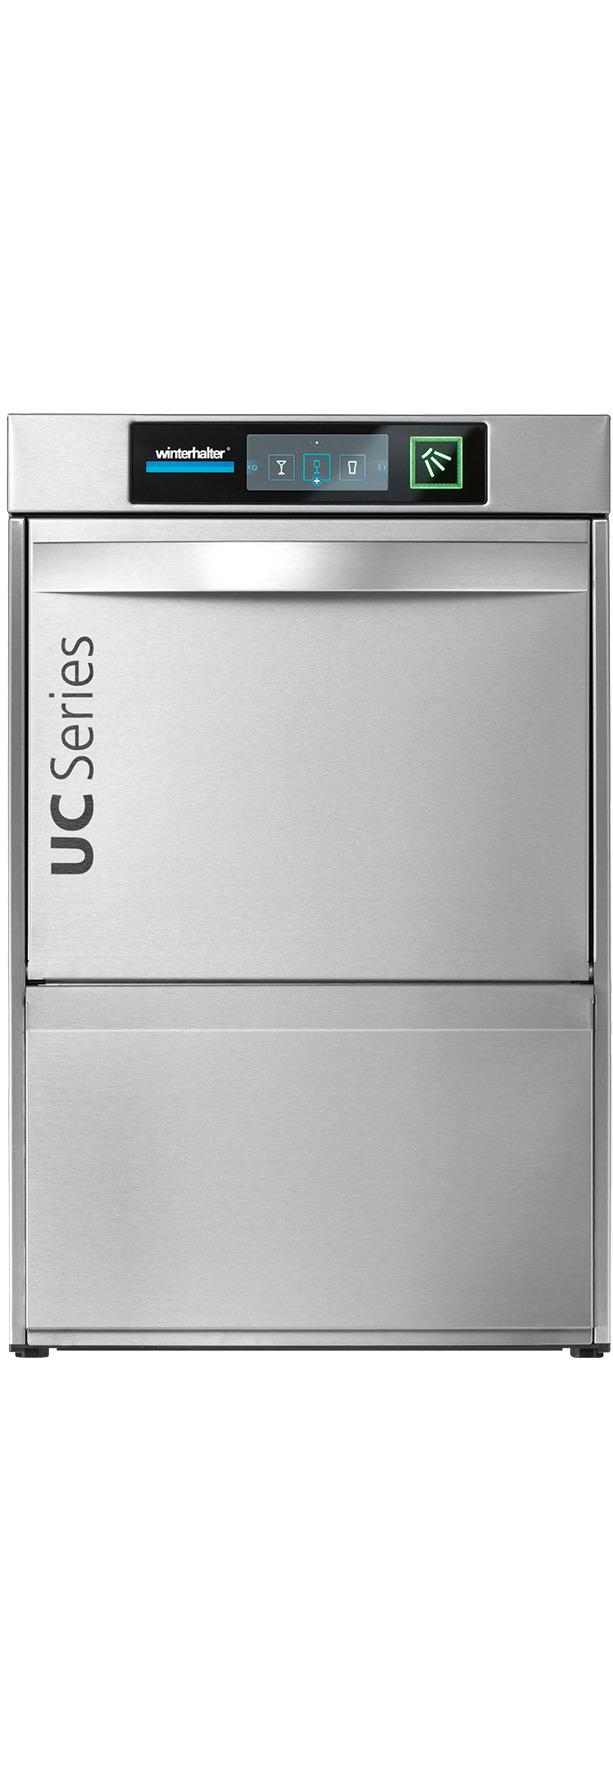 Gläserspülmaschine UC-S / 400 x 400 mm / mit Chemiebehälter / 230 V